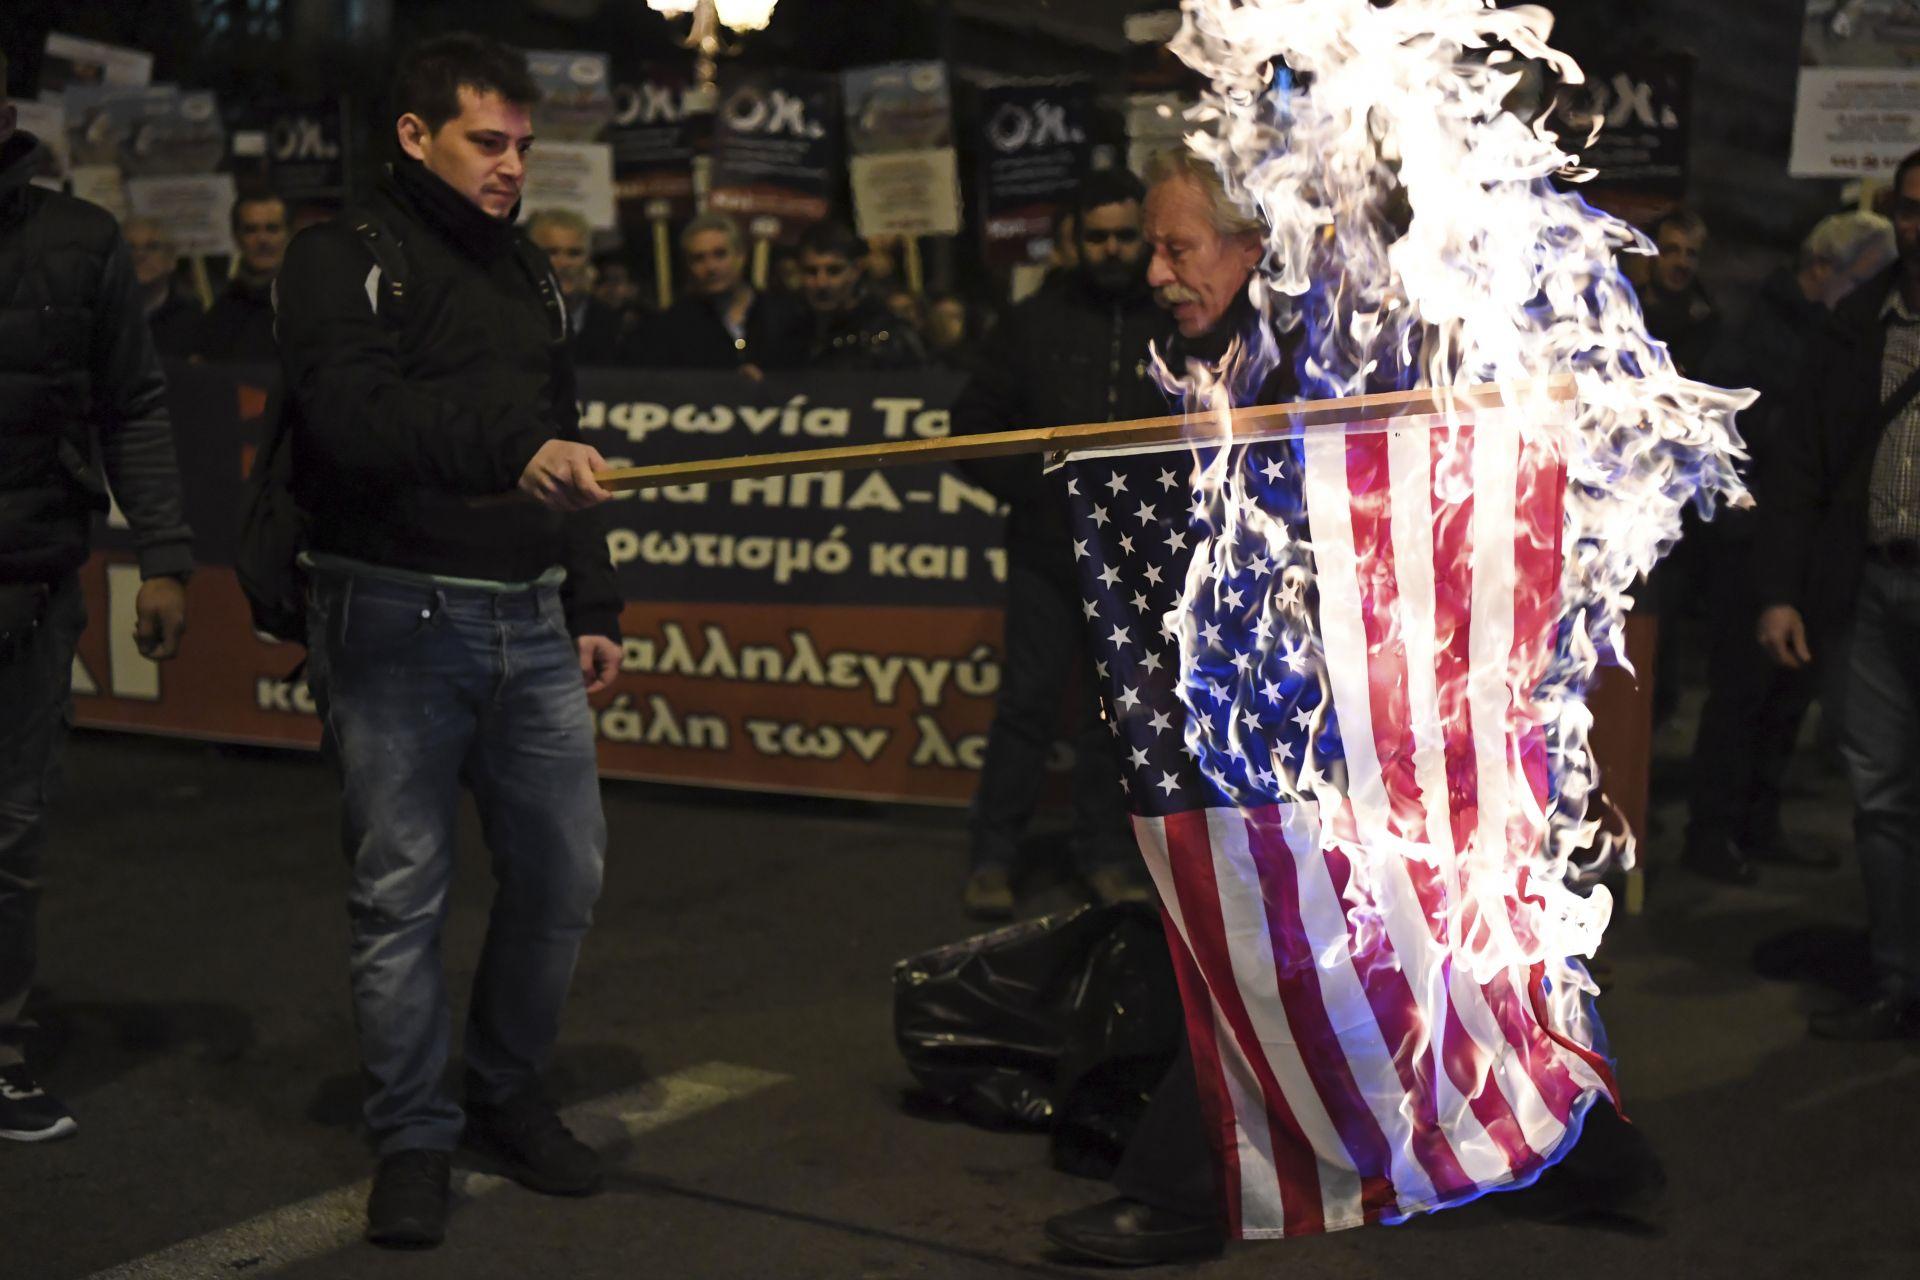 Членовете на гръцката комунистическа партия подпалиха флаг на Съединените щати по време на митинг срещу споразумението на Преспа в Атина